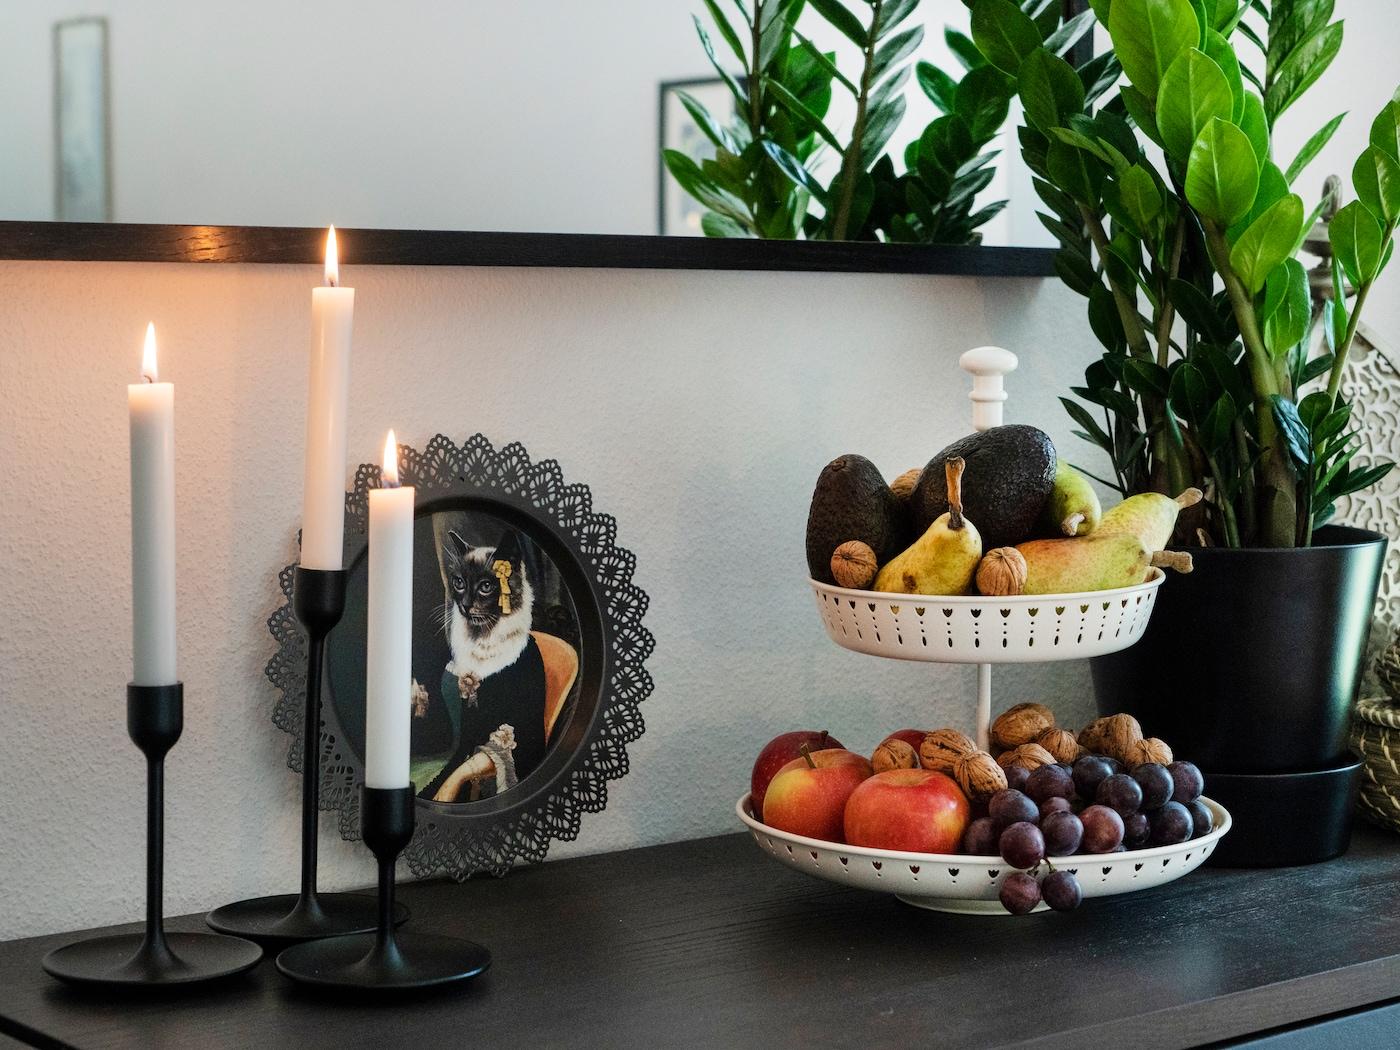 IKEA Kommode dekoriert mit IKEA Kerzenständer, IKEA Katzenbild, IKEA Pflanze und IKEA Etagere für Obst.